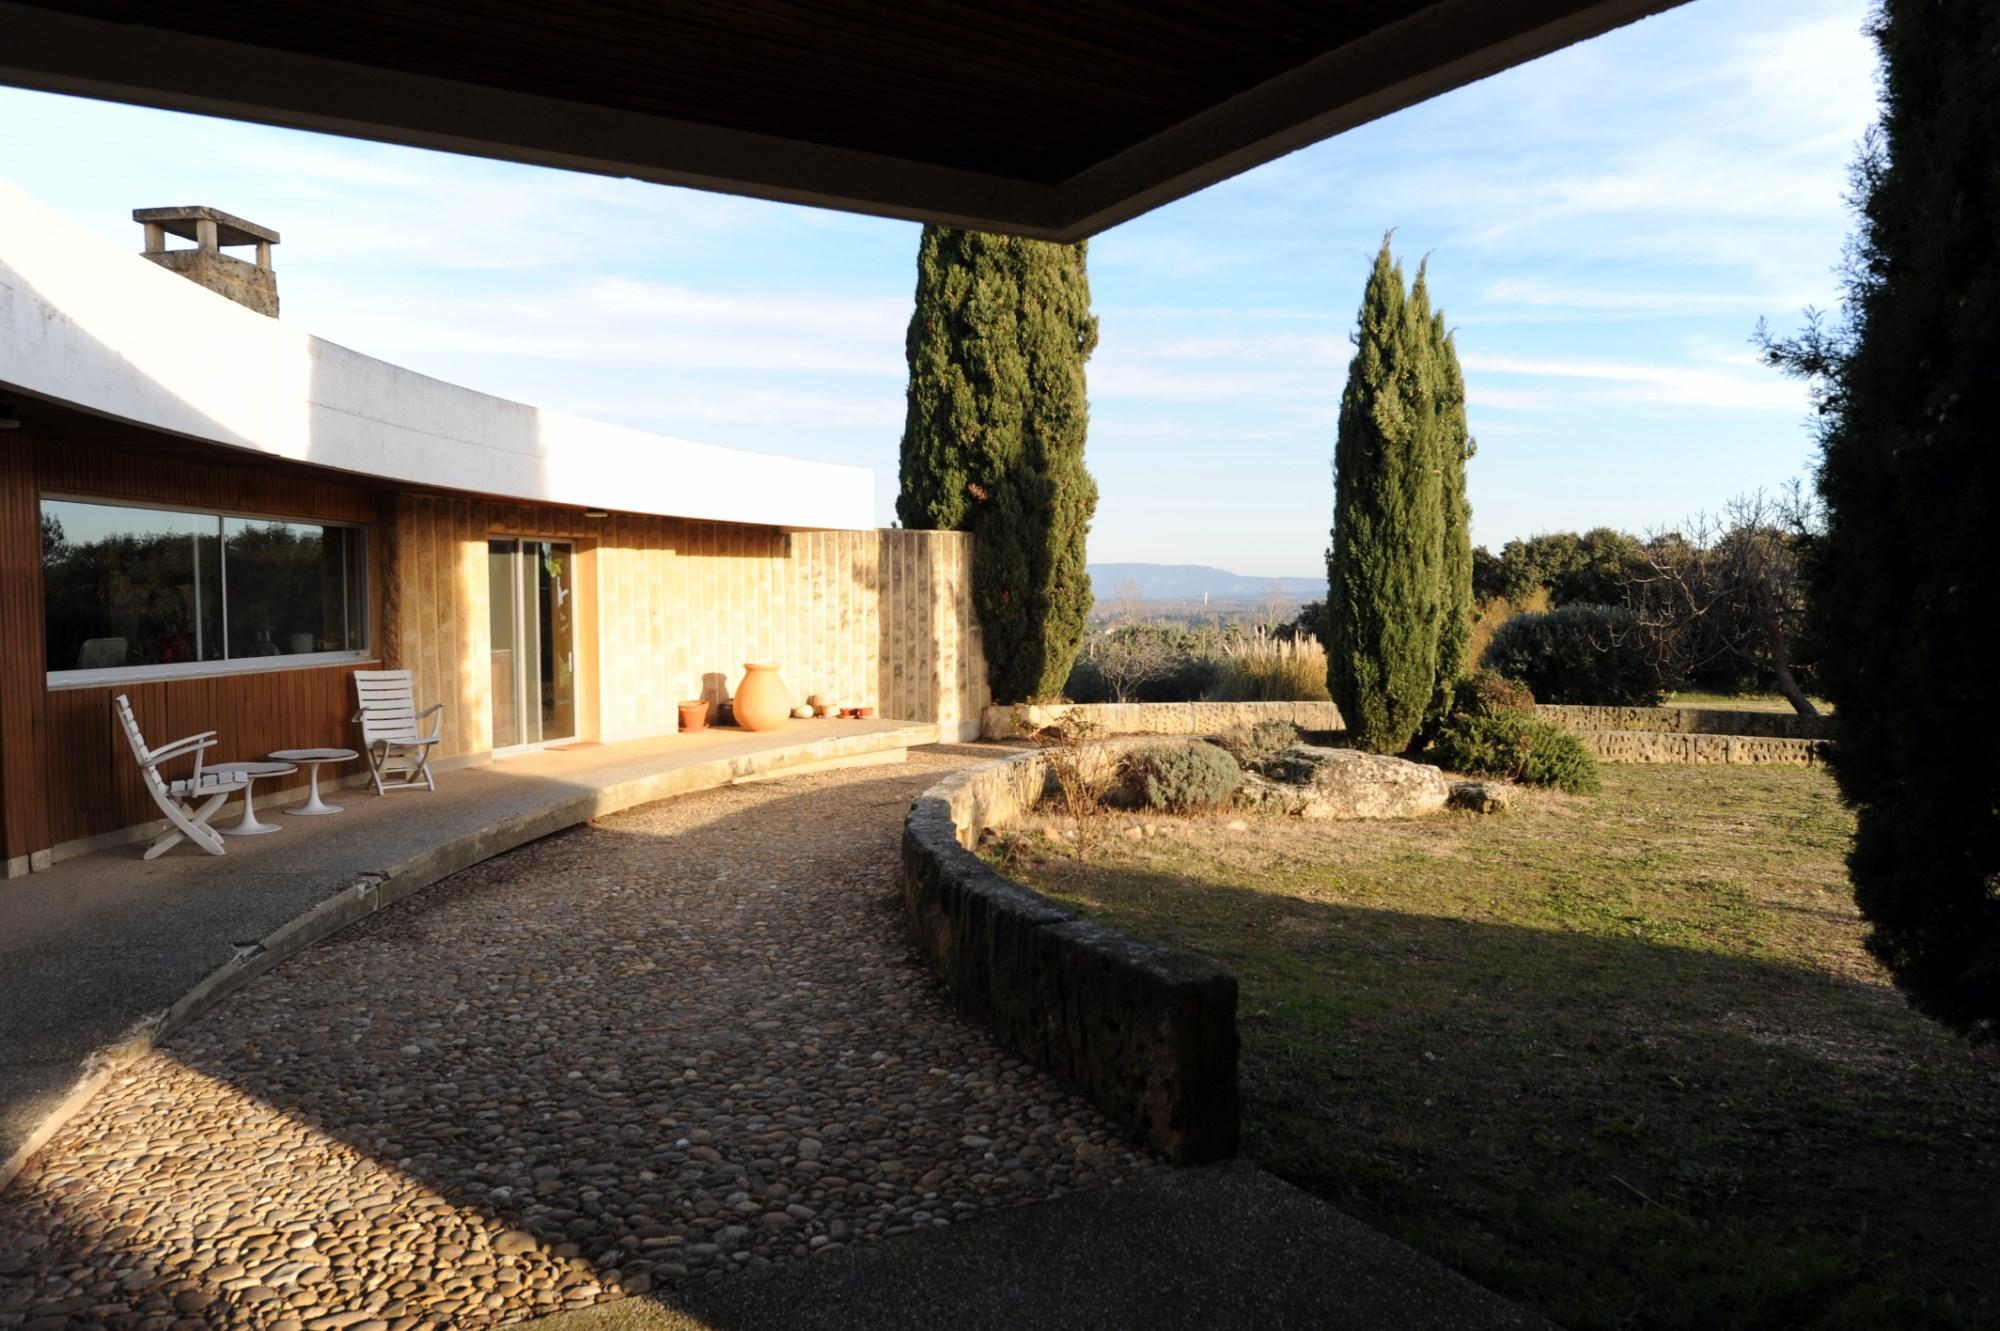 Exceptionnelle propriété d'architecte face aux Alpilles à vendre sur 4 hectares de terrain